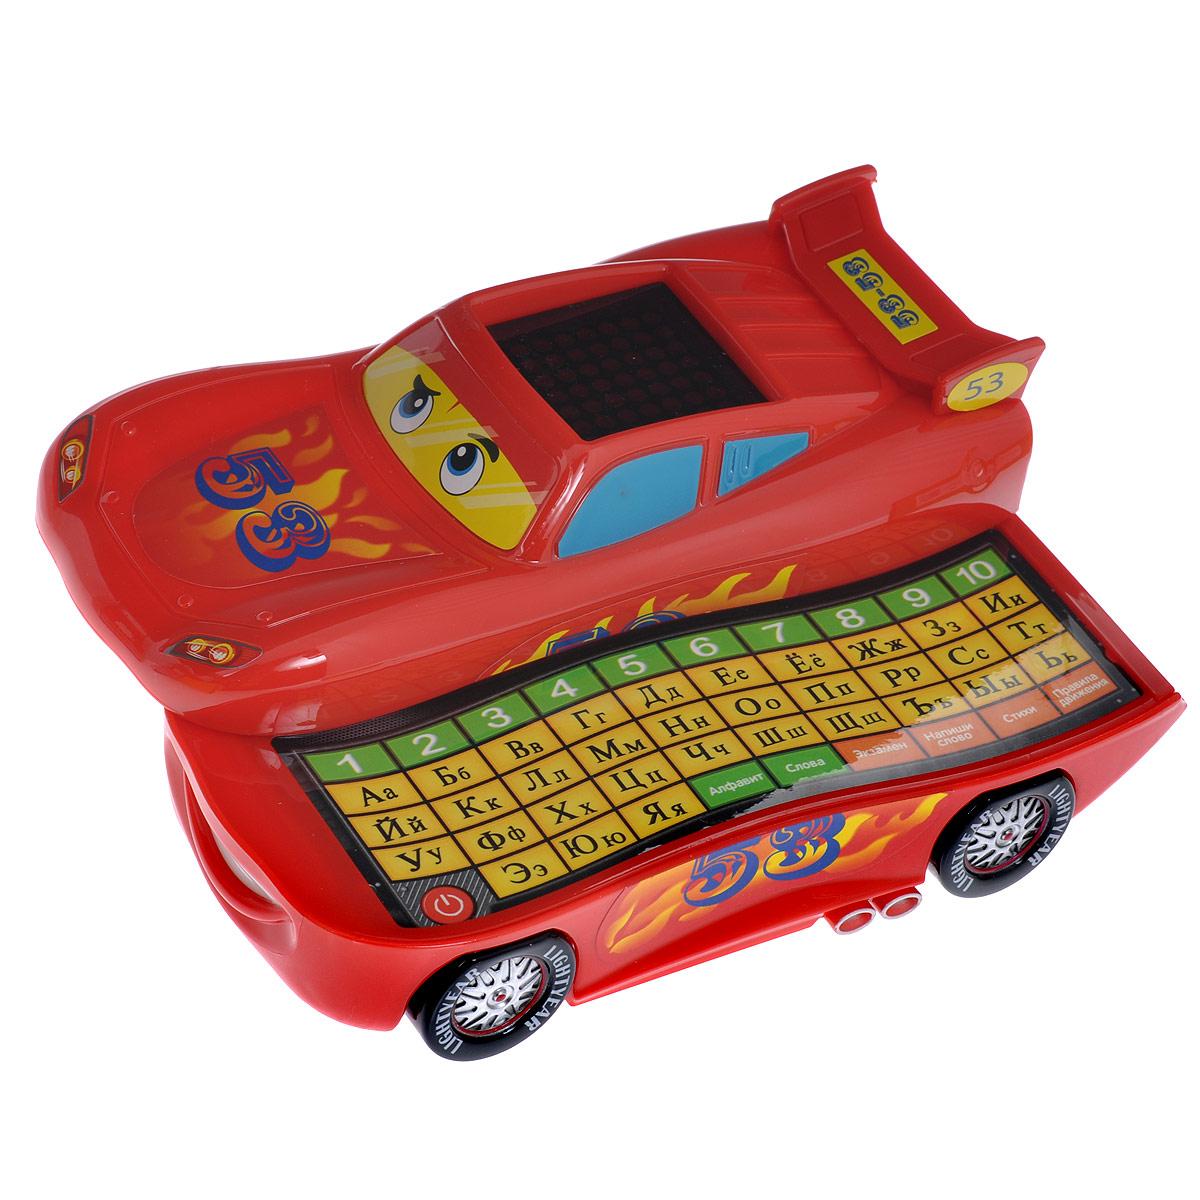 Обучающая игрушка Умка МашинкаQC1157RОбучающая игрушка-каталка Умка Машинка привлечет внимание вашего ребенка и не позволит ему скучать. Она выполнена из пластика ярких цветов в виде машинки Молнии МакКуина - персонажа популярного мультфильма Тачки. Верхняя часть игрушки сдвигается, открывая клавиатуру с цифрами от 1 до 10 и буквами от А до Я. На крыше машинки расположен квадратный дисплей, на котором будут высвечиваться буквы, цифры и другие символы в зависимости от выбранного режима. Игрушка работает в следующих режимах: алфавит, слова, экзамен, напиши слово, стихи и правила дорожного движения. С их помощью ребенок выучит буквы и цифры, пополнит словарный запас, разовьет музыкальные и сенсорные способности, наглядно-образное мышление и аттестационные способности. Веселая песенка про машинку несомненно поднимет малышу настроение. Порадуйте вашего ребенка таким замечательным подарком! Для работы игрушки необходимы 3 батареи напряжением 1,5V типа АА (товар комплектуется демонстрационными).